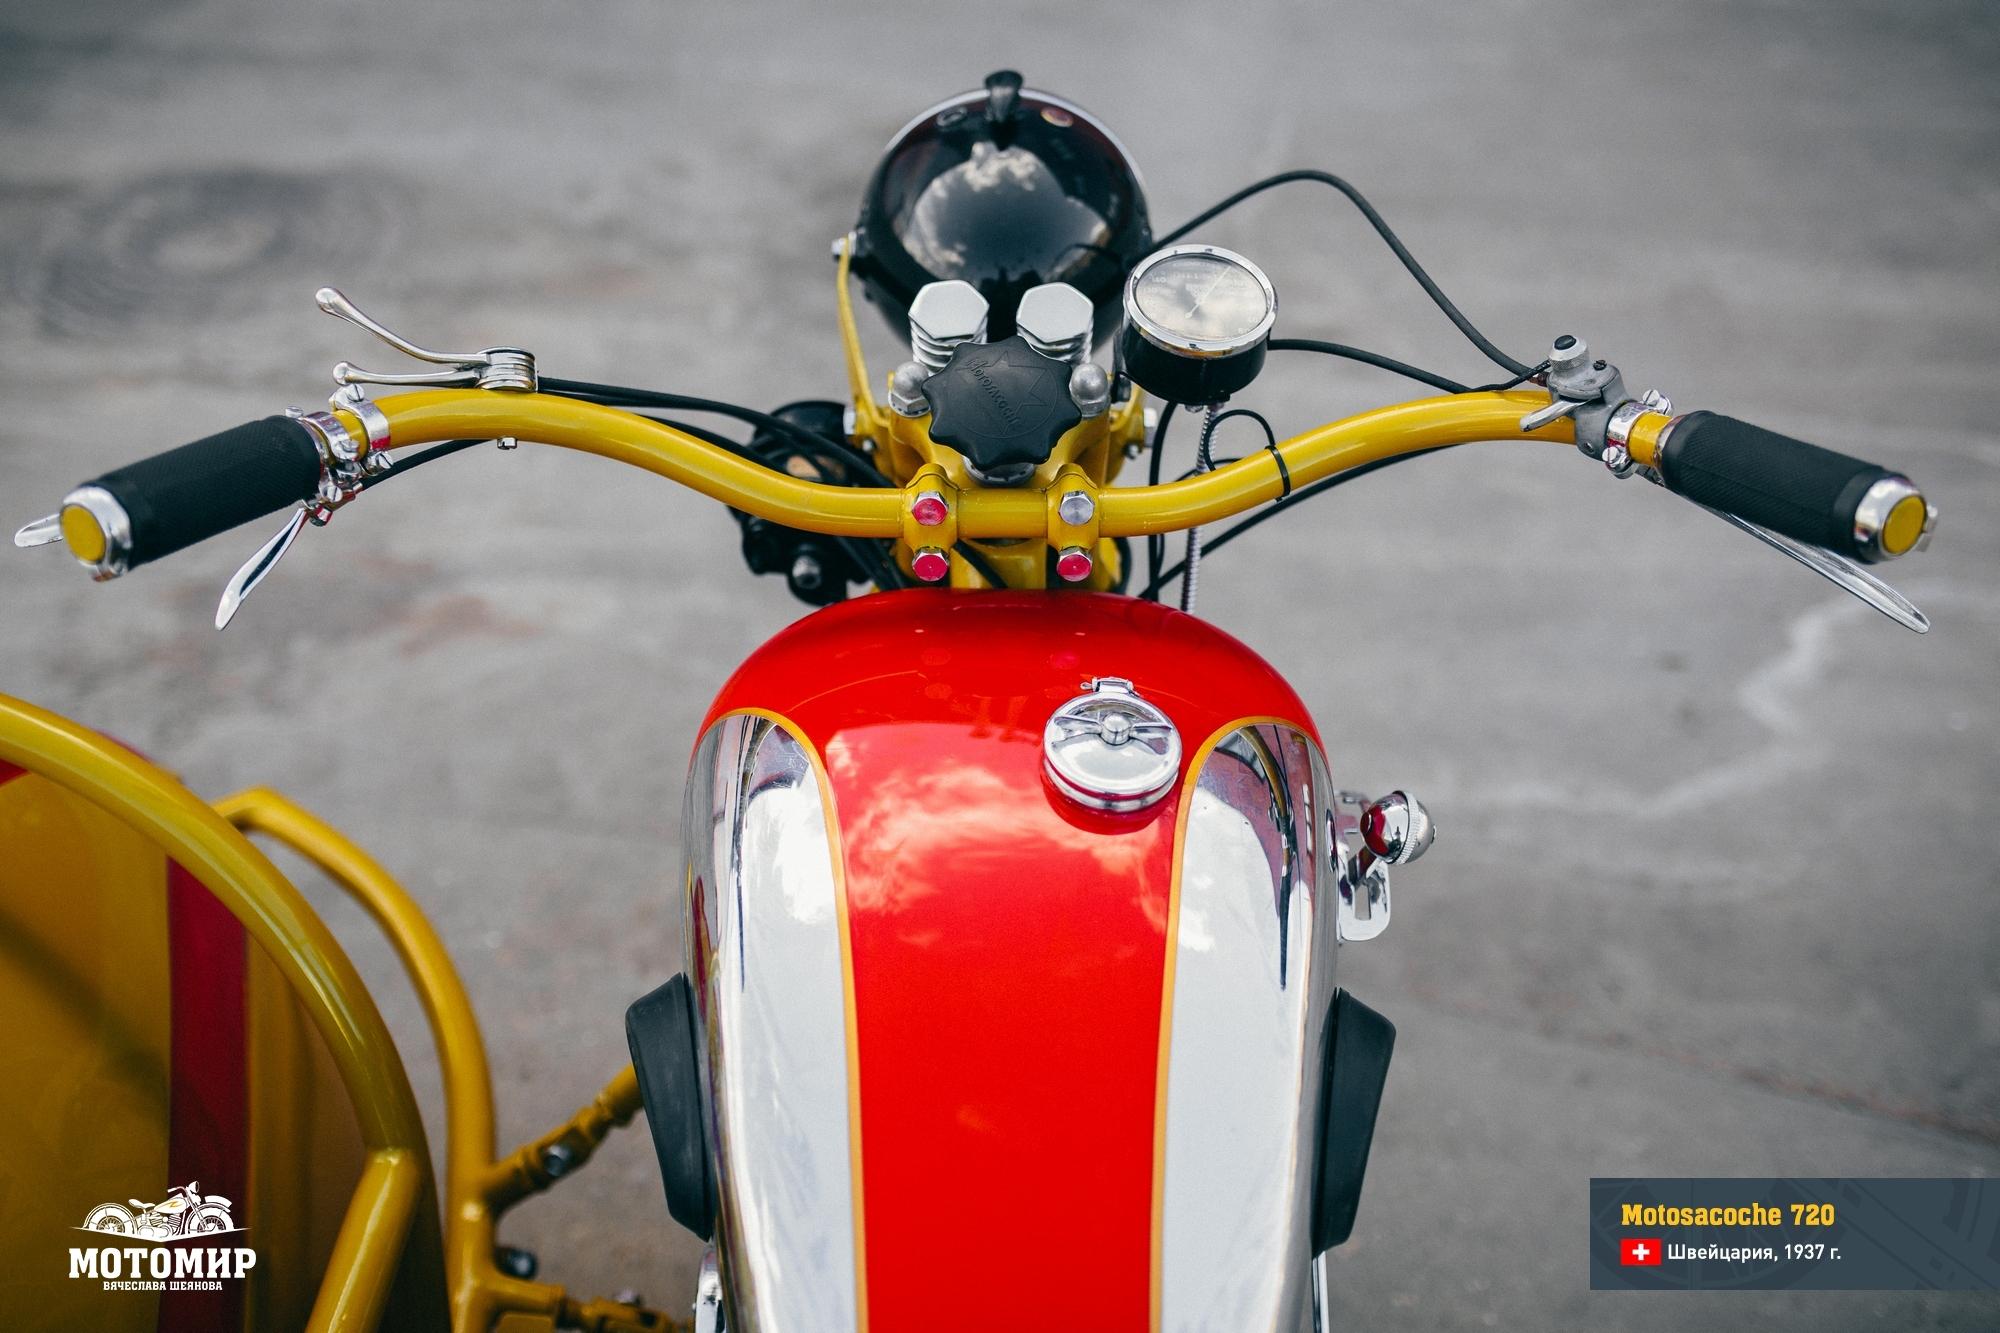 motosacoche-720-201510-web-19